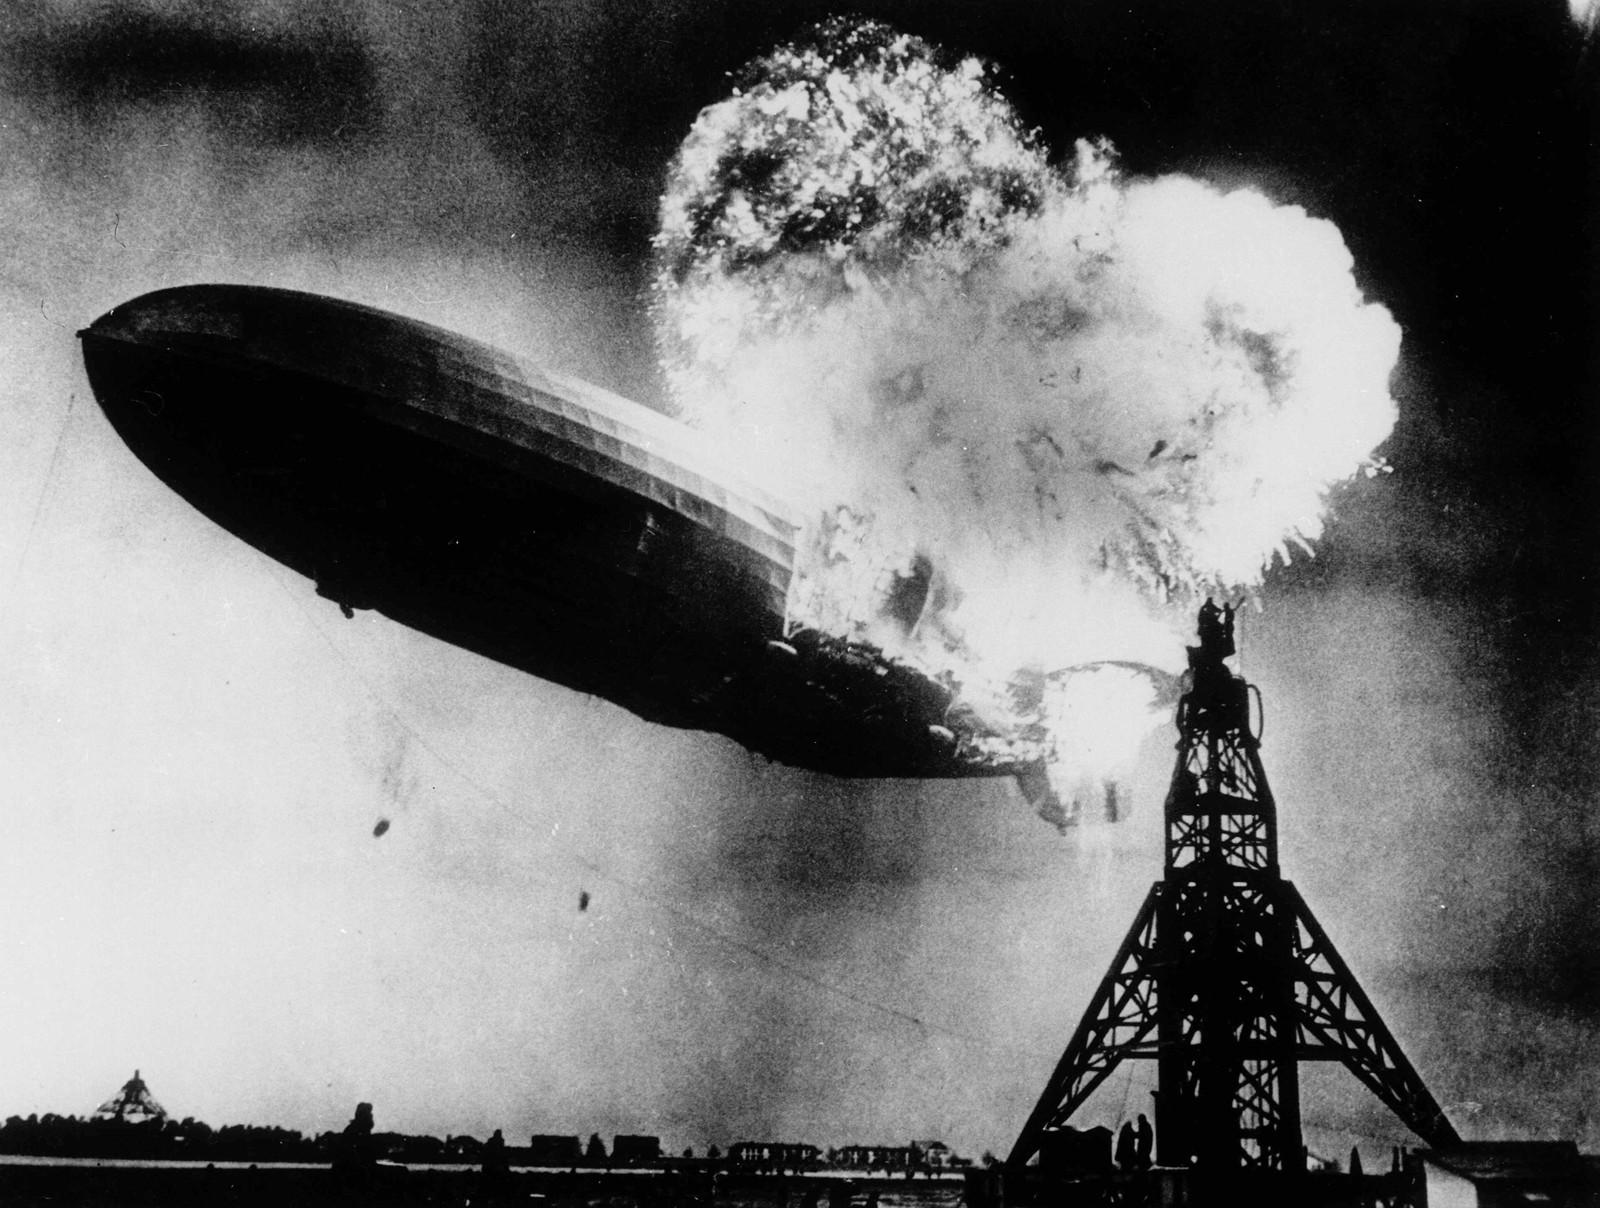 HINDENBURG-KATASTROFEN: I 1937 klarte Sam Shere å fotografere det tyske luftskipet Hindenburg, da det tok fyr og hydrogenkassen i skipet eksploderte. 32 år senere ble fotografiet brukt som cover på Led Zeppelins debutalbum.